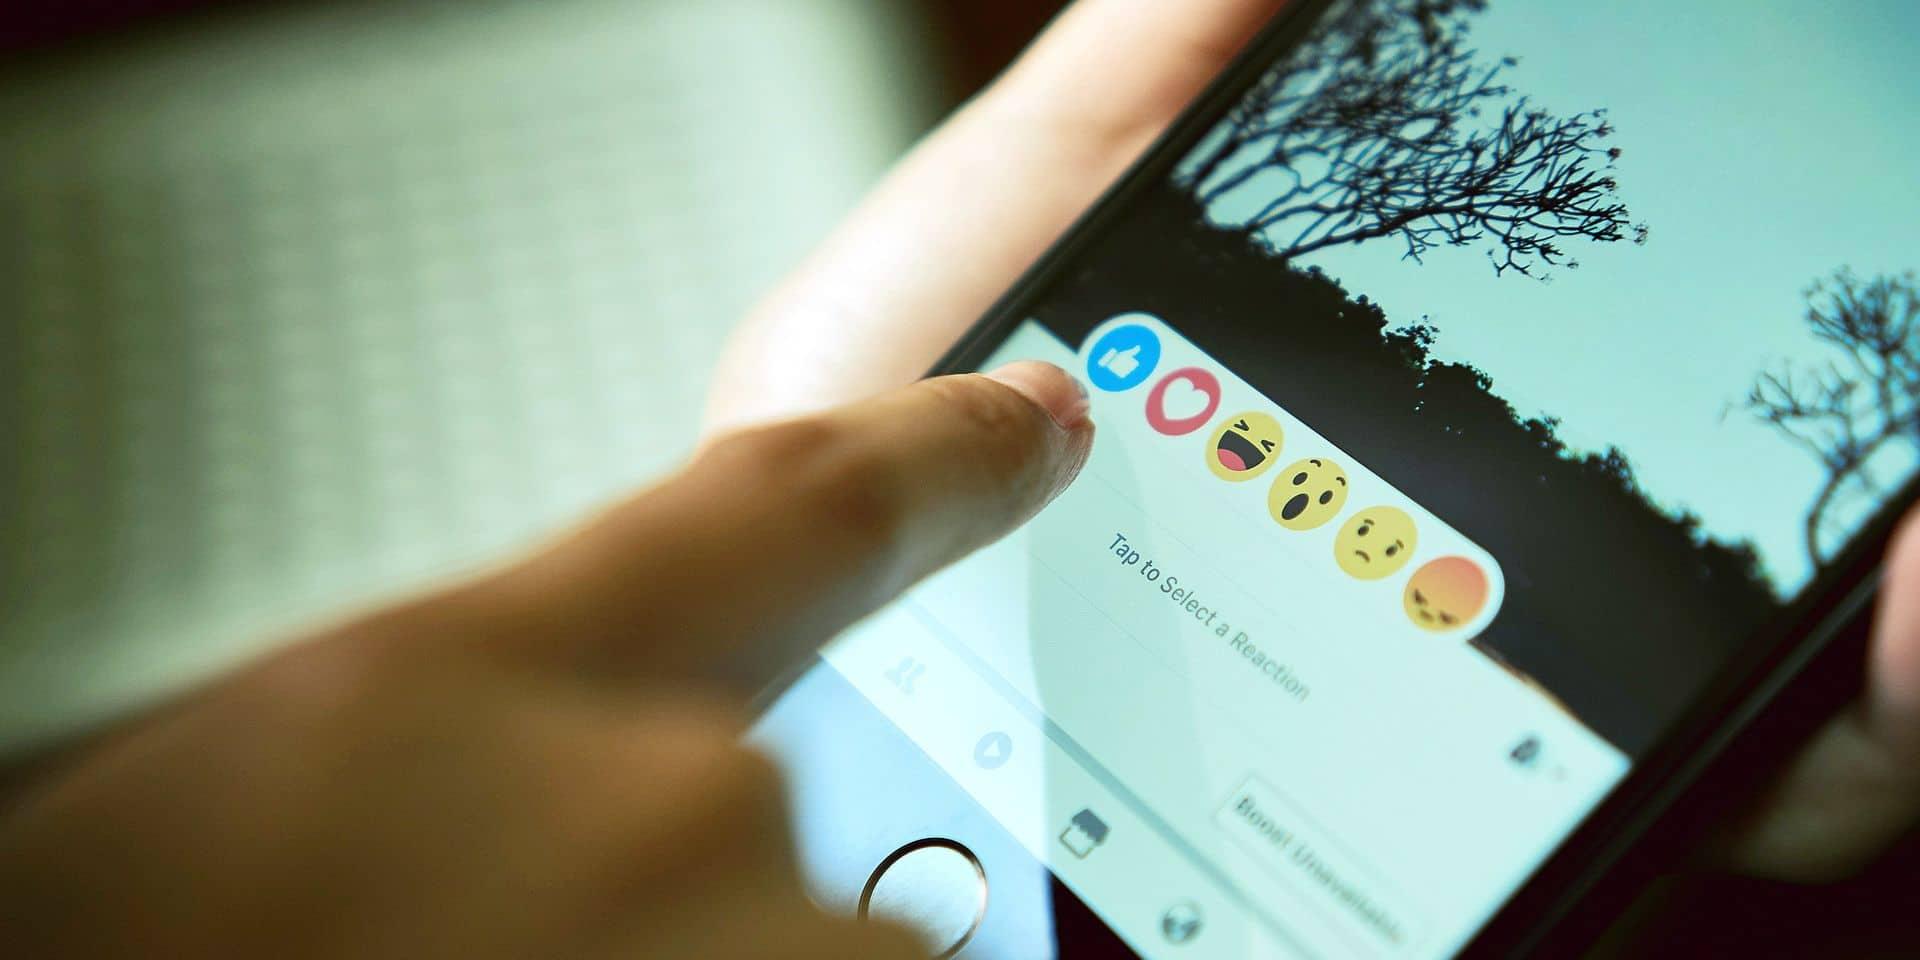 Seriez-vous prêt à payer pour des réseaux sociaux plus éthiques?